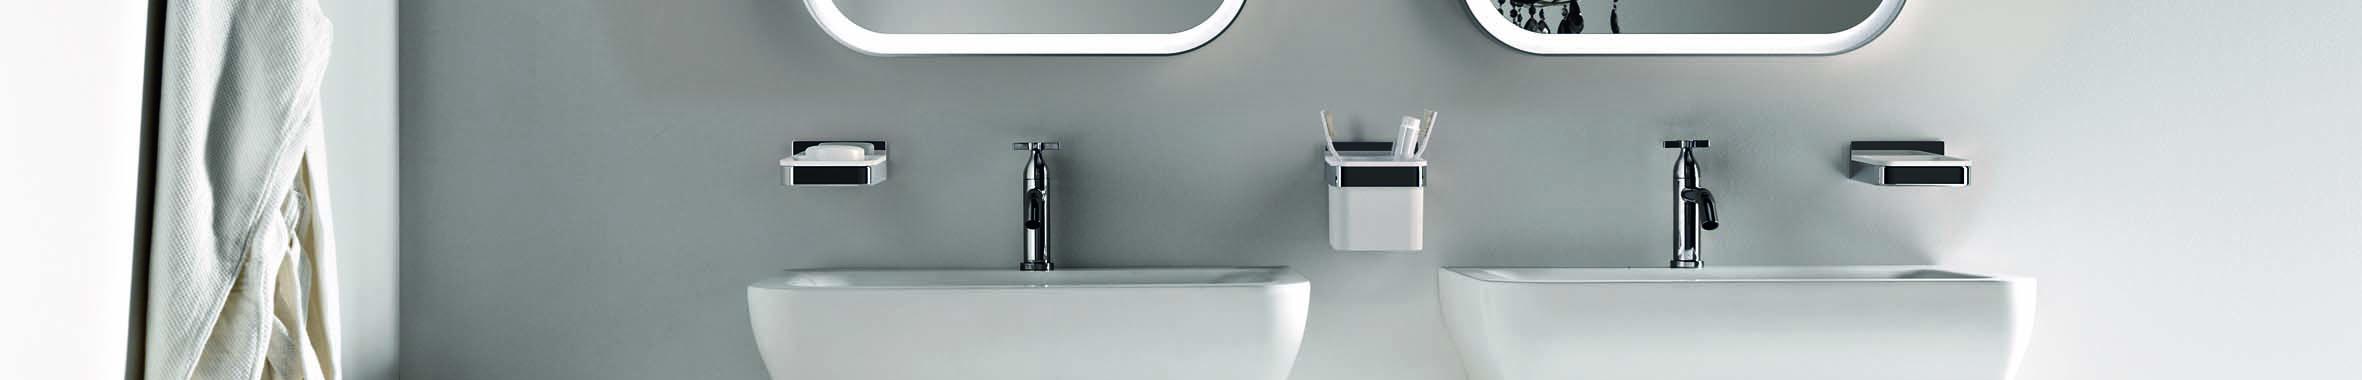 Nico accesorios para ba os modernos friso ideas de for Accesorios para decoracion de interiores